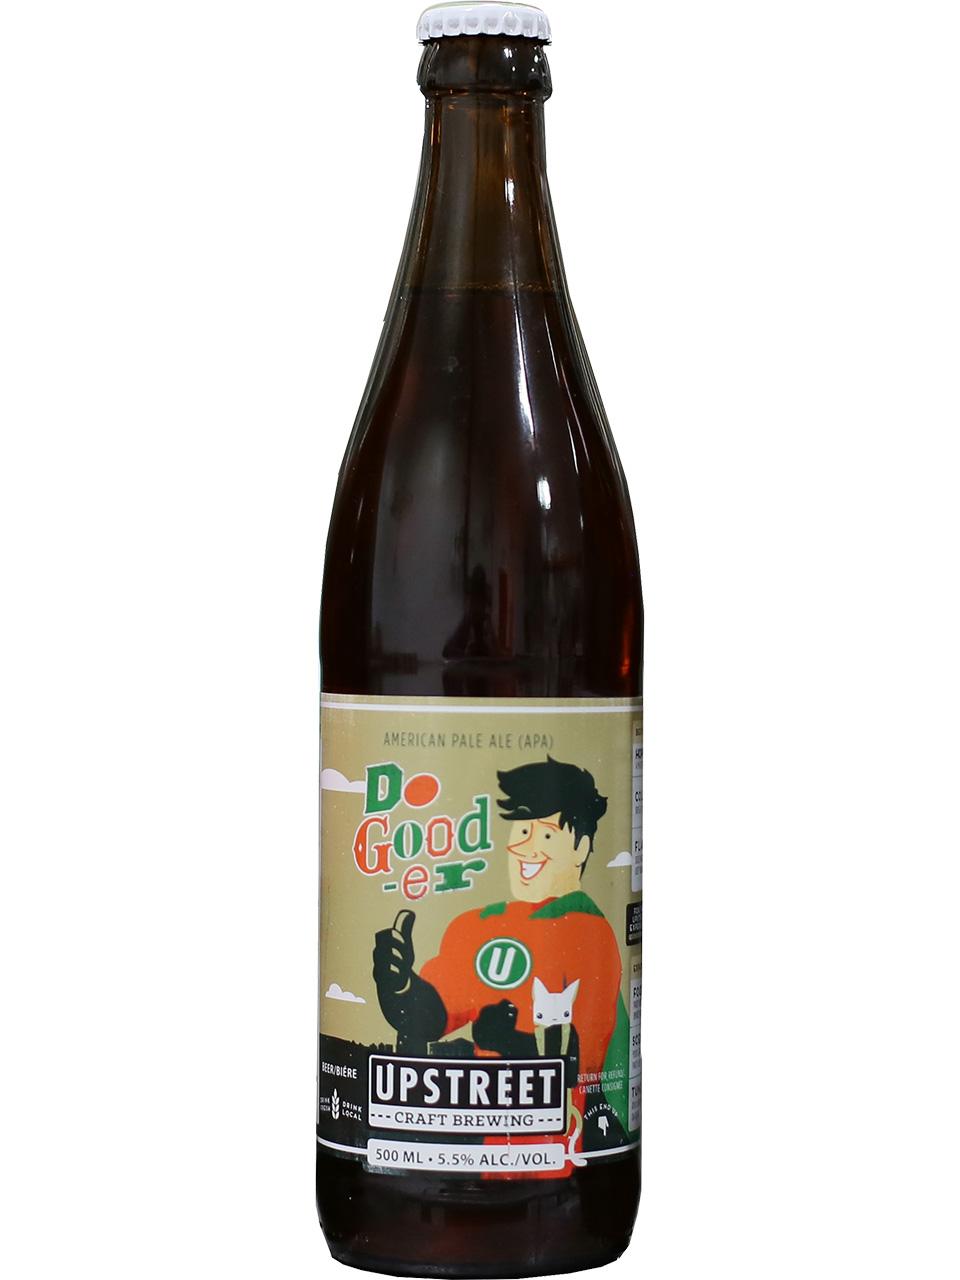 Upstreet Do Good-er APA 500ml Bottle